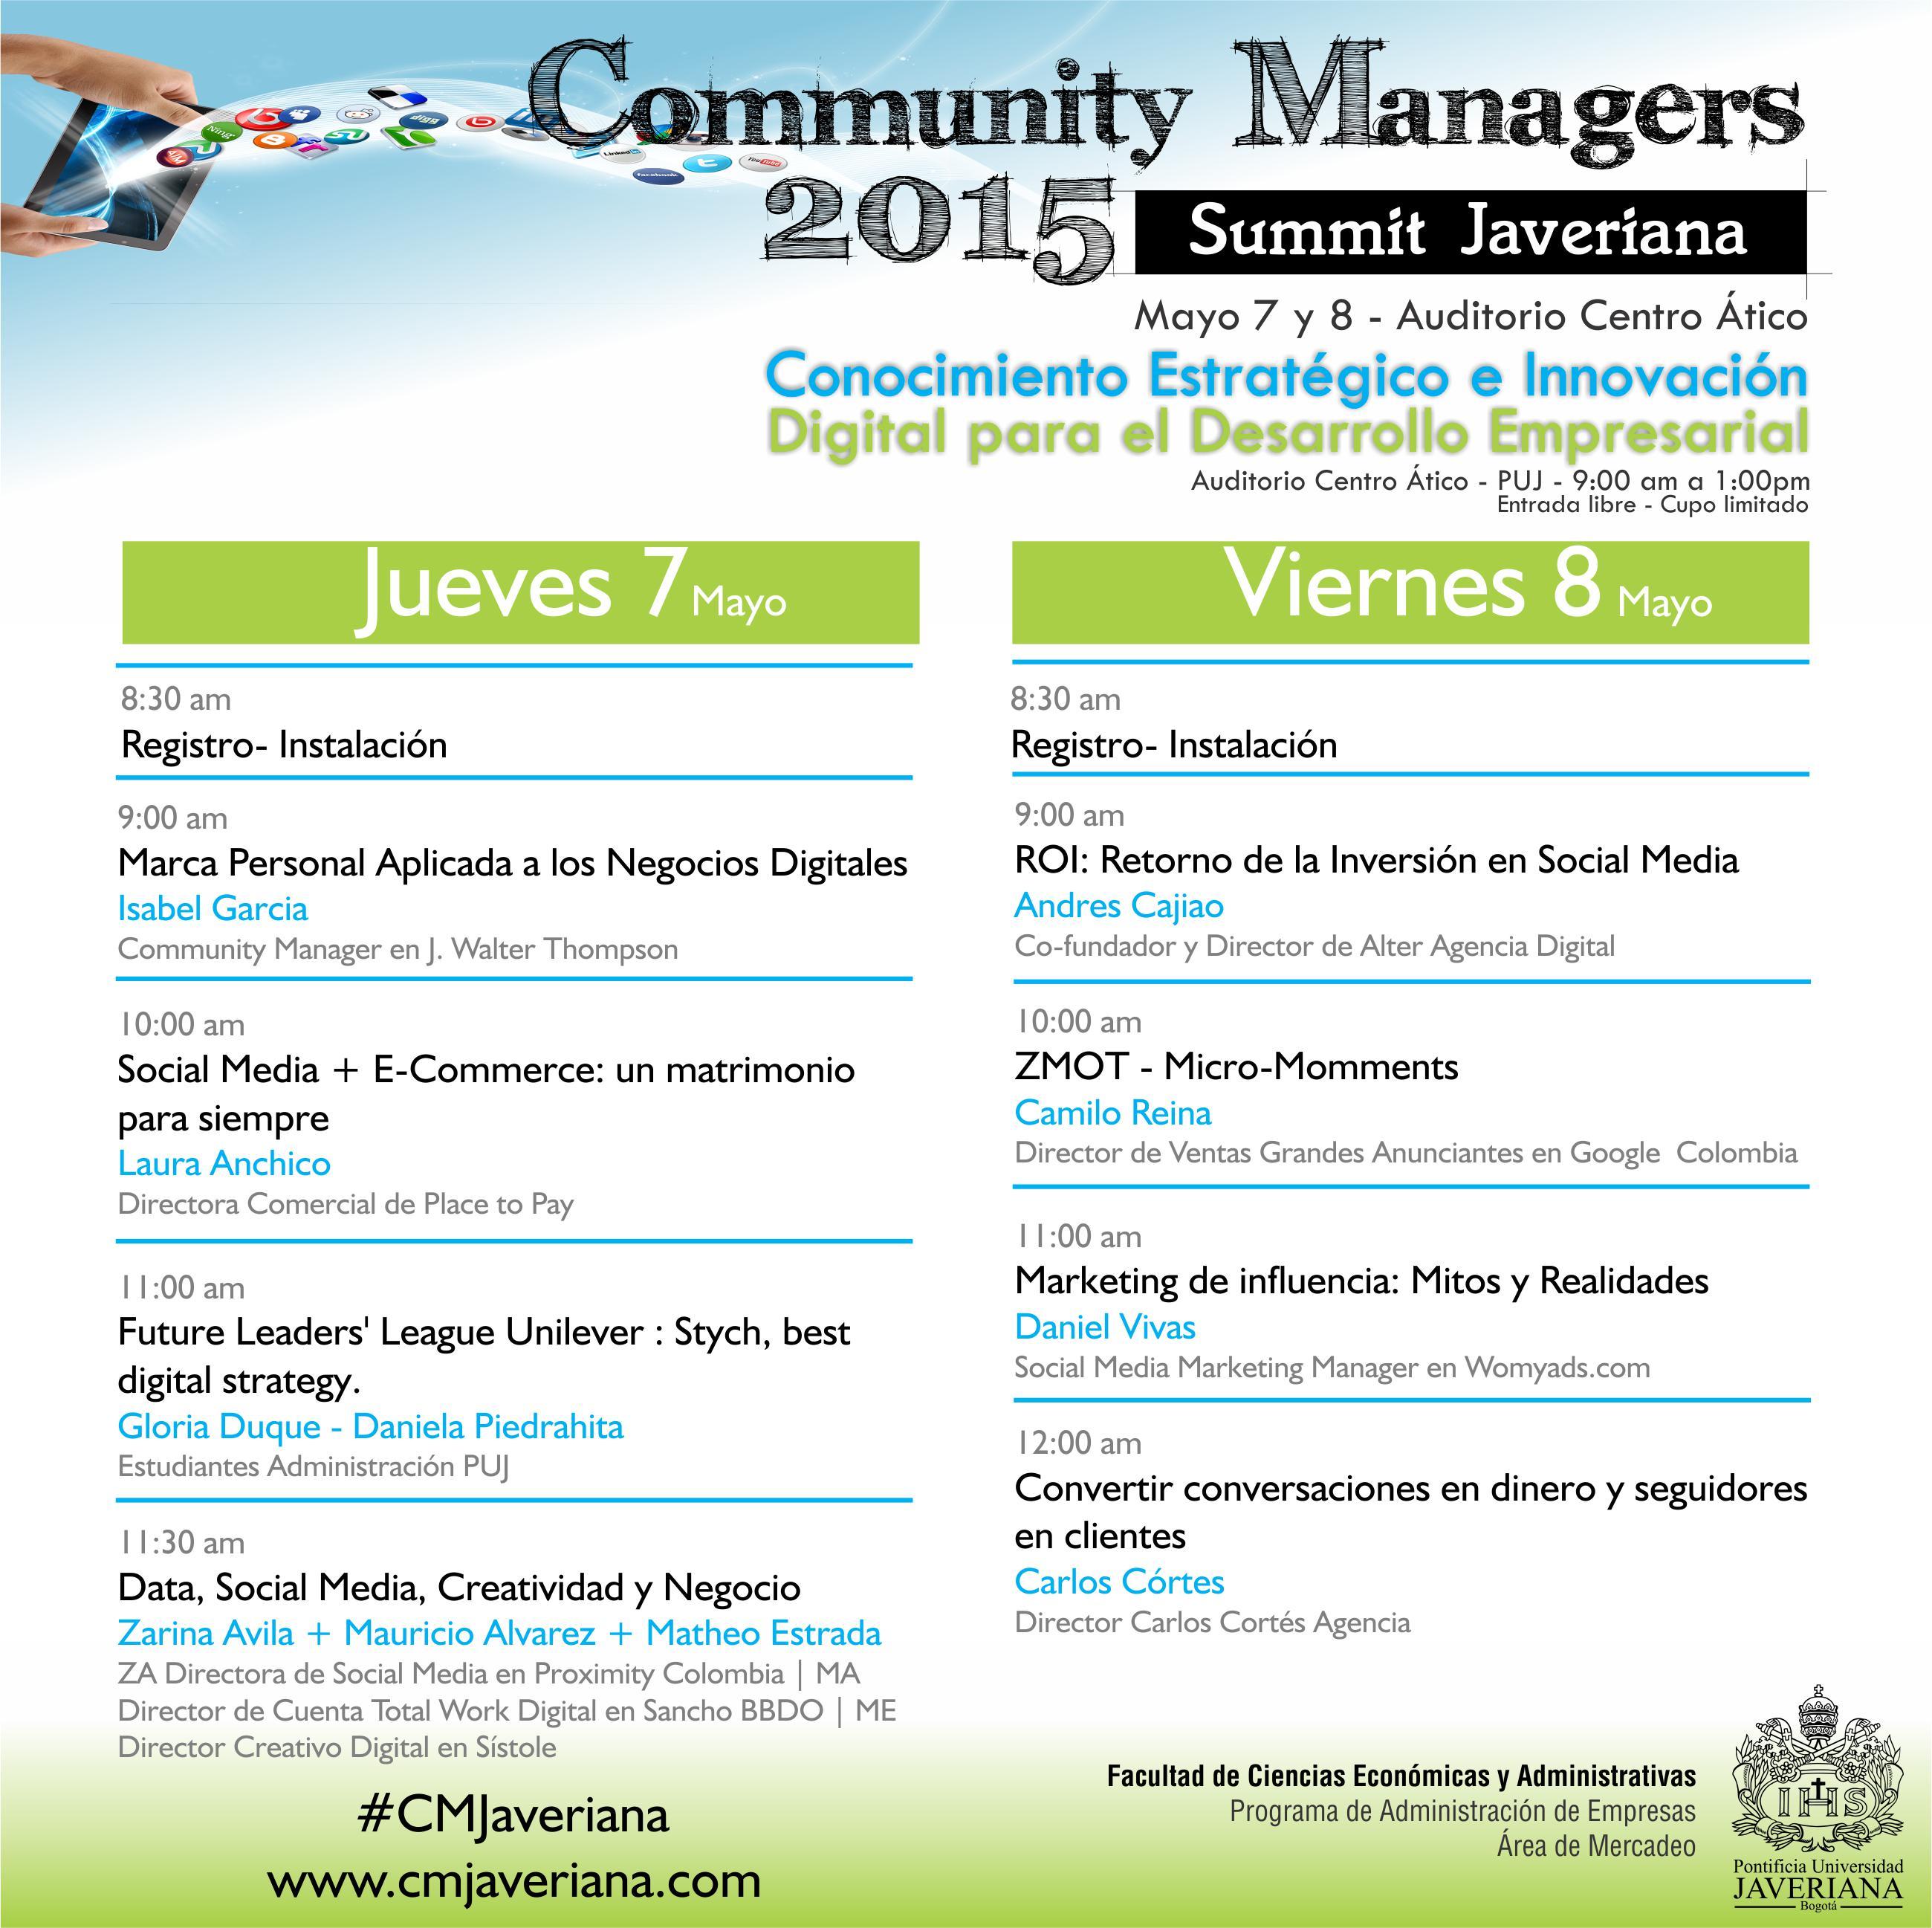 agenda-carlos-cortes-en-el-community-managers-summit-javeriana-2015